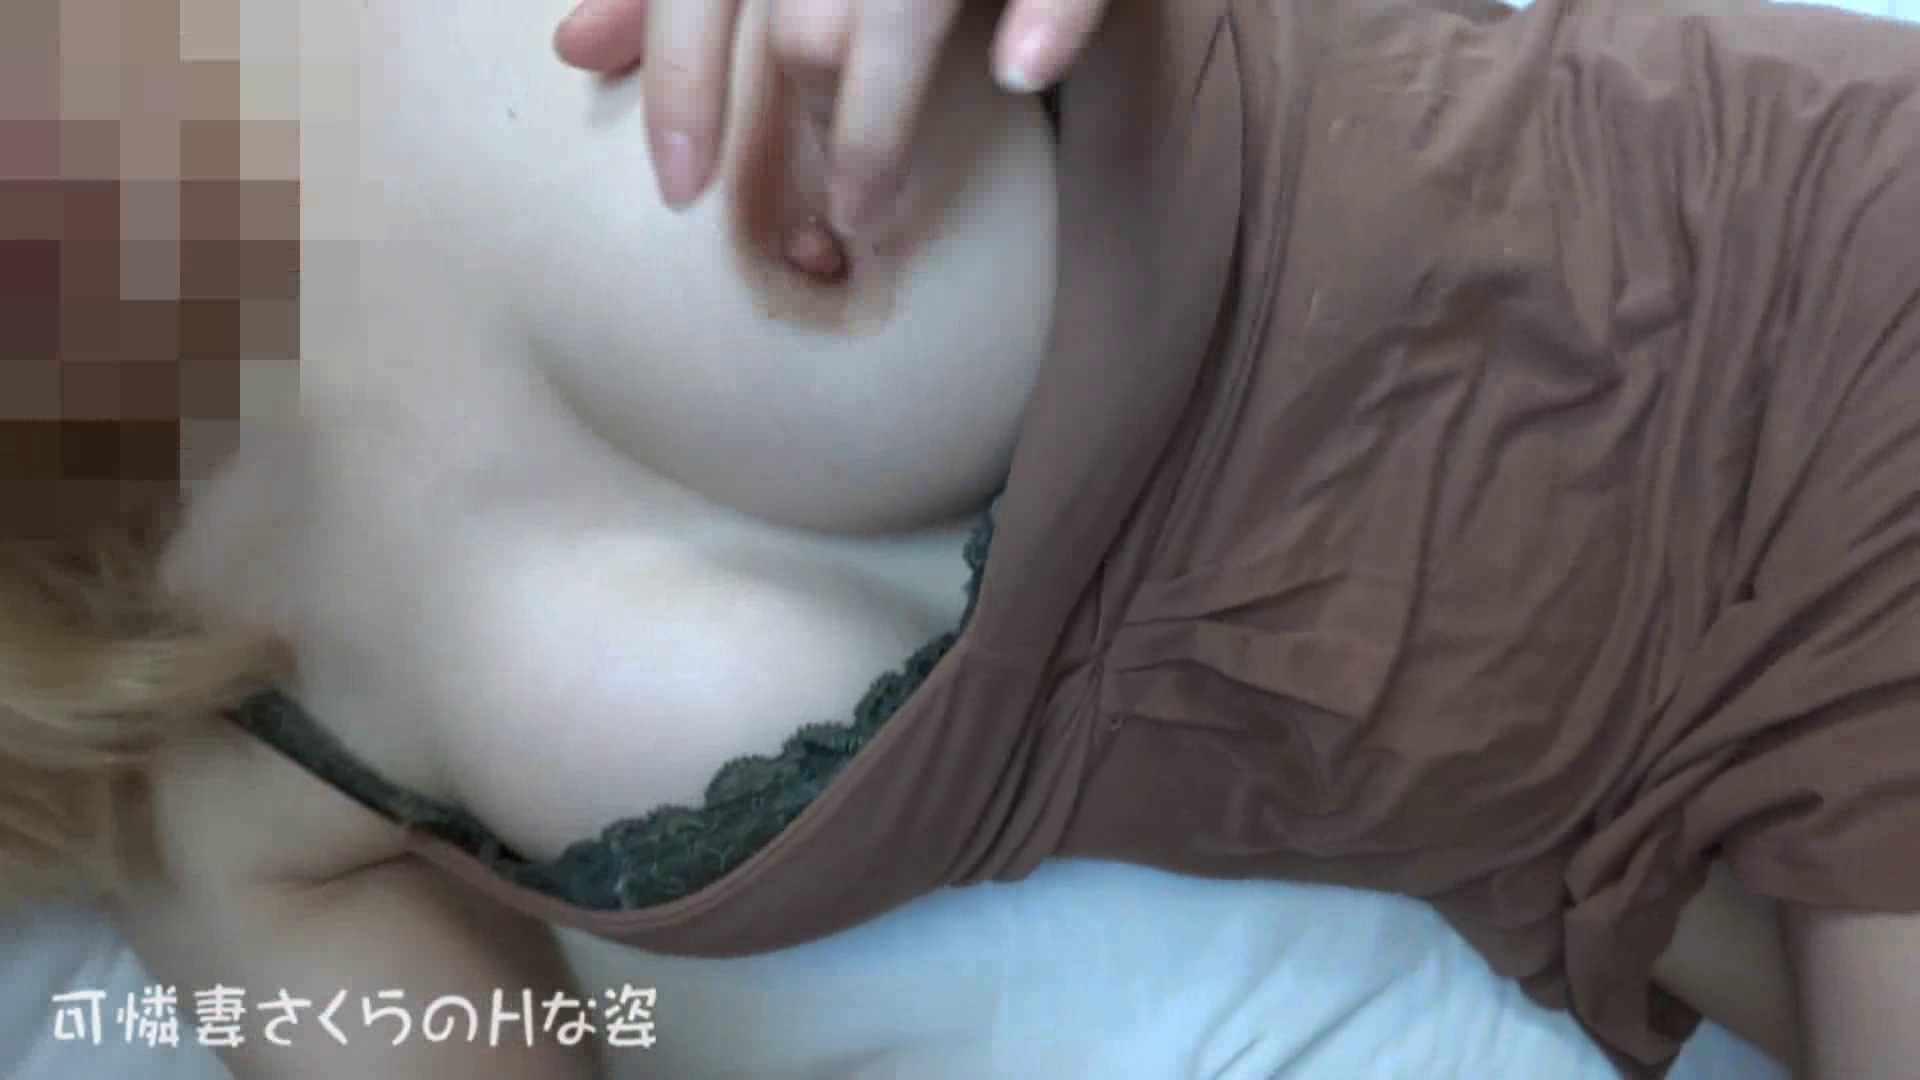 可憐妻さくらのHな姿vol.18 淫乱 | OL  59連発 3